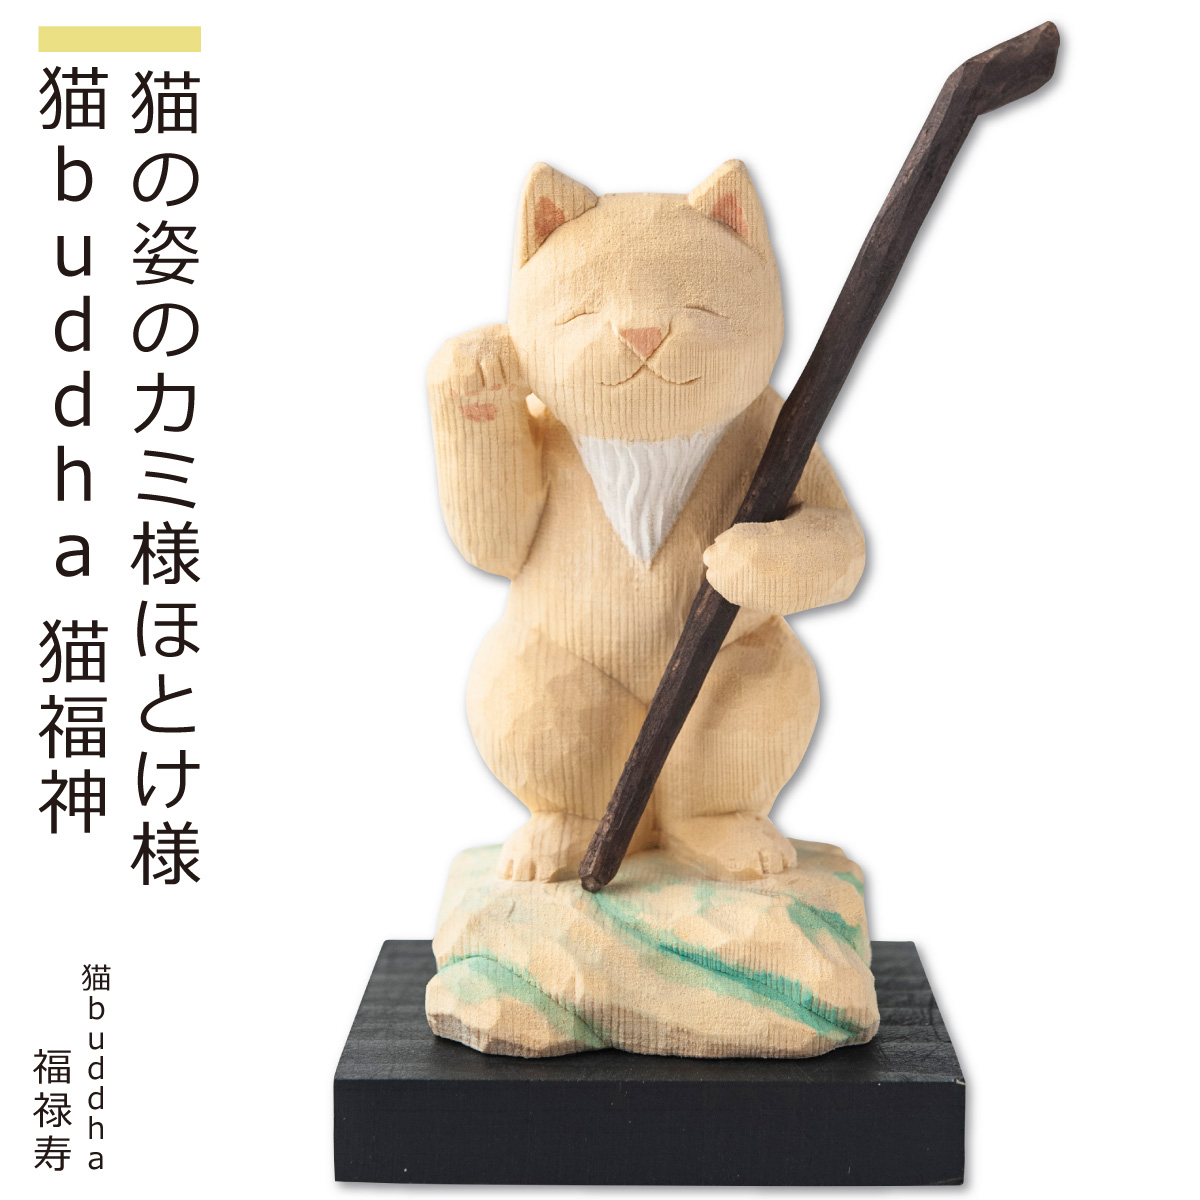 猫buddha 福禄寿 健康長寿にゃ ≫ にゃんブッダ 癒される猫姿の神さま仏さま 仏屋さかい原型 監修 木彫り 仏像 ギフト プレゼント 猫 国際ブランド 置物 すべて木彫りで作っちゃいました 激安通販 ねこ